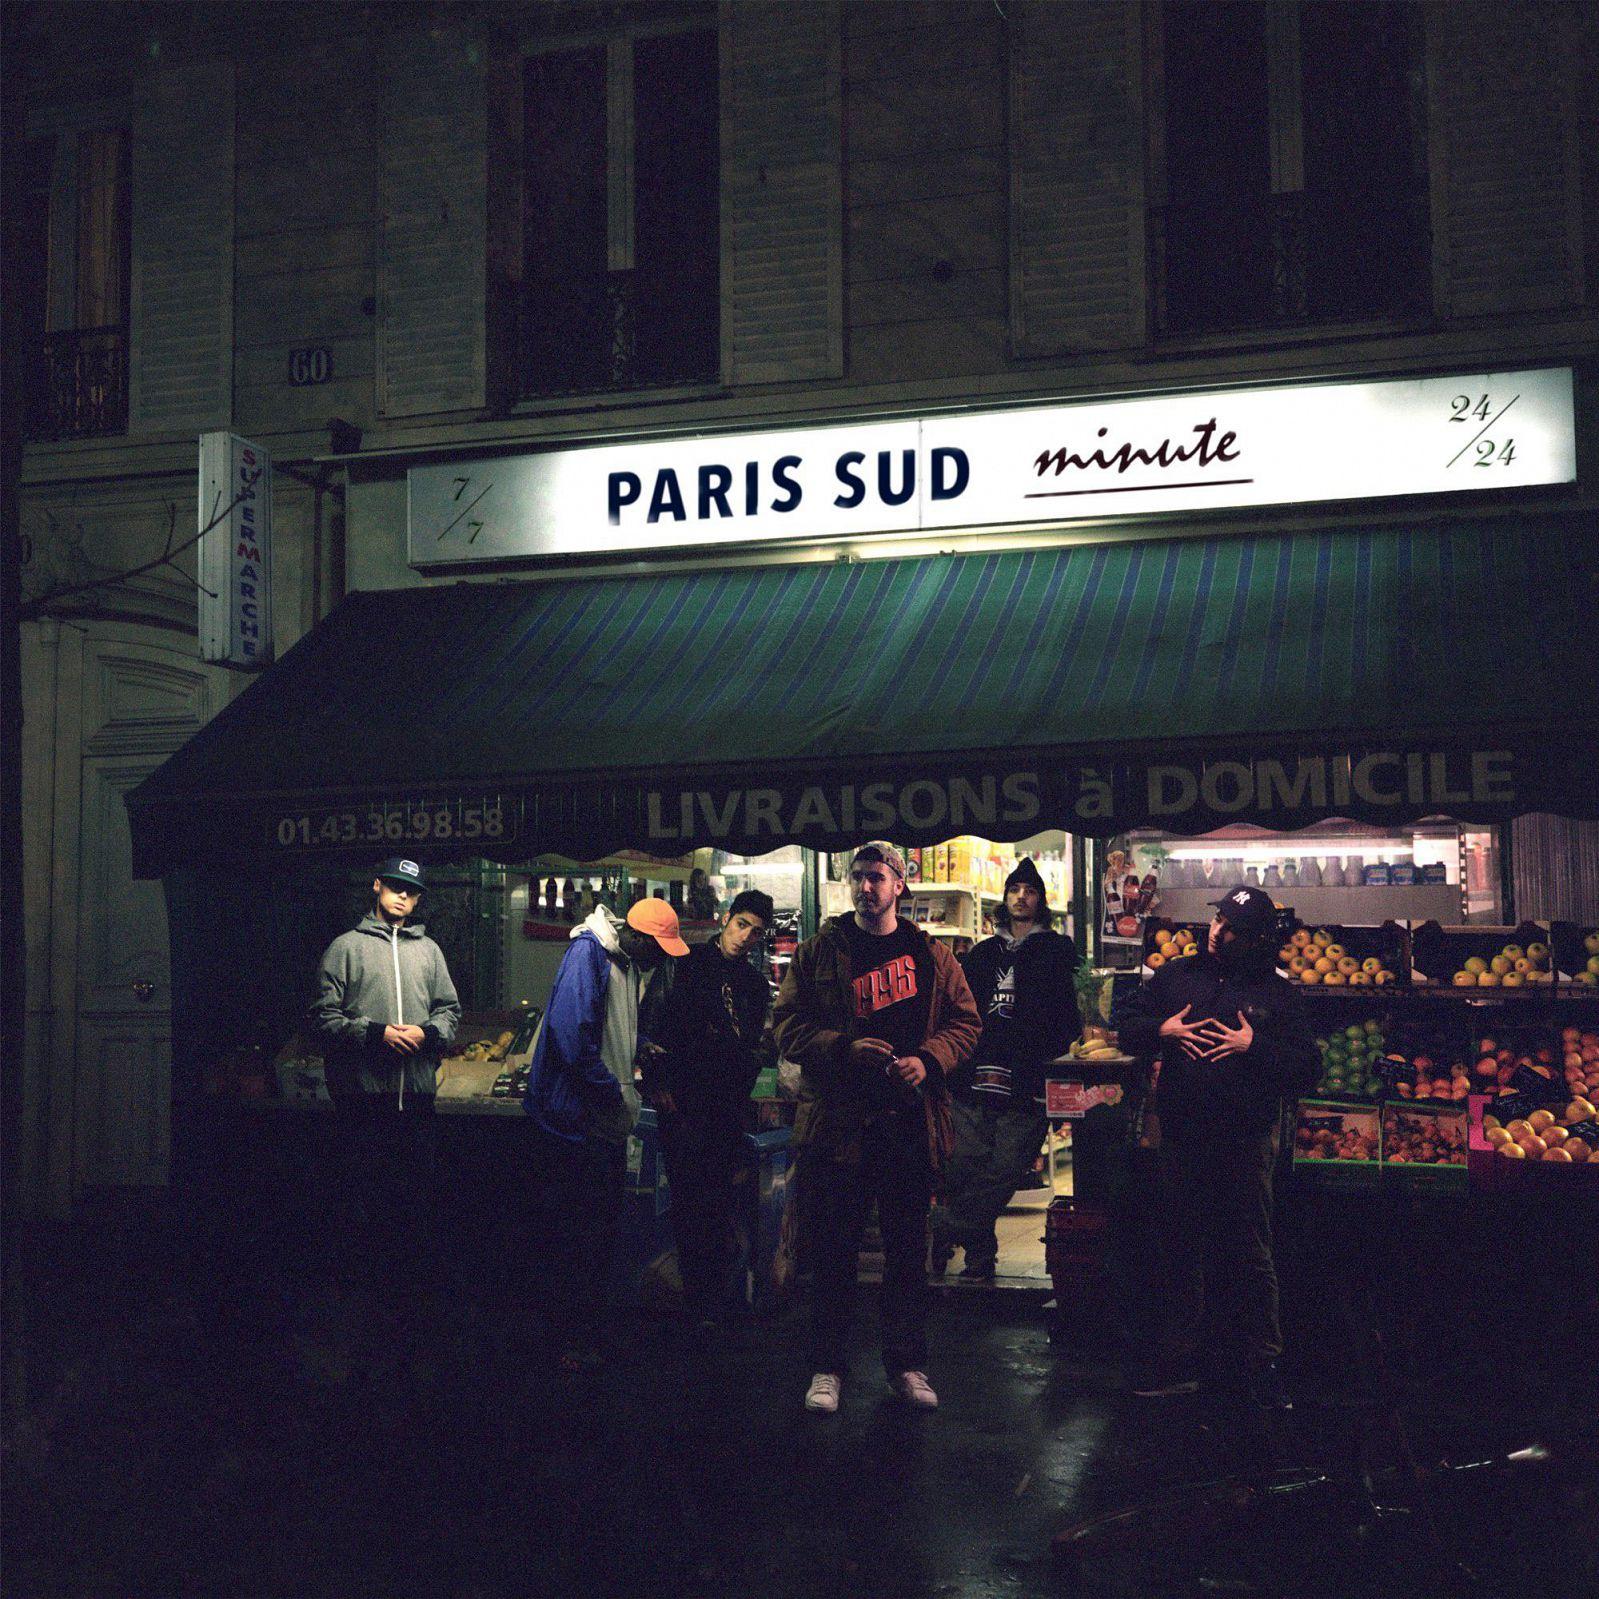 1995 - Paris Sud Minute - Abcdr Du Son